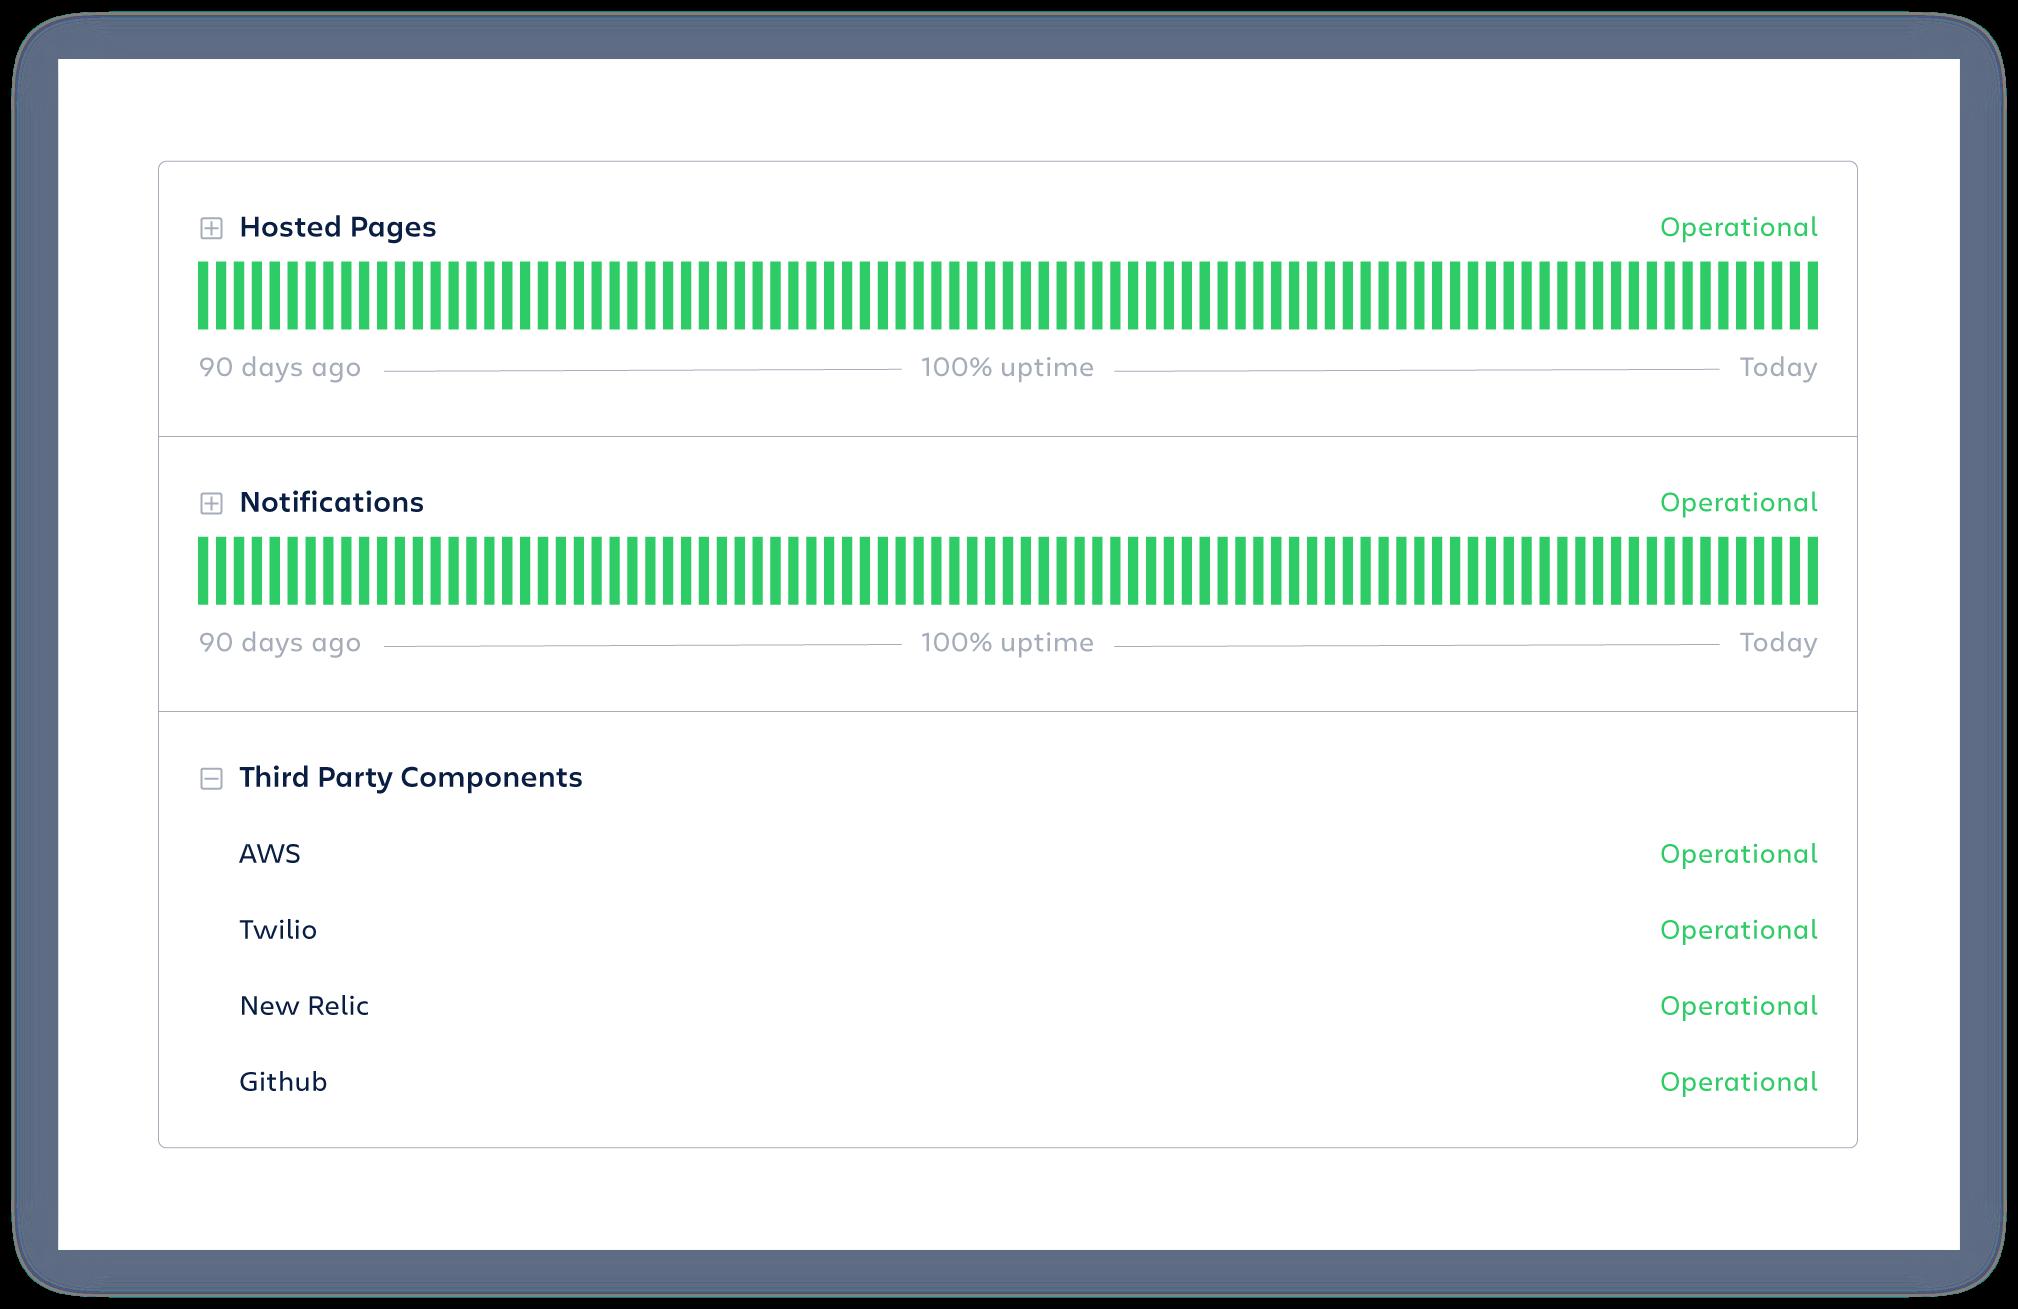 Fenêtre présentant différents états, comme les pages hébergées ou les notifications et leur disponibilité